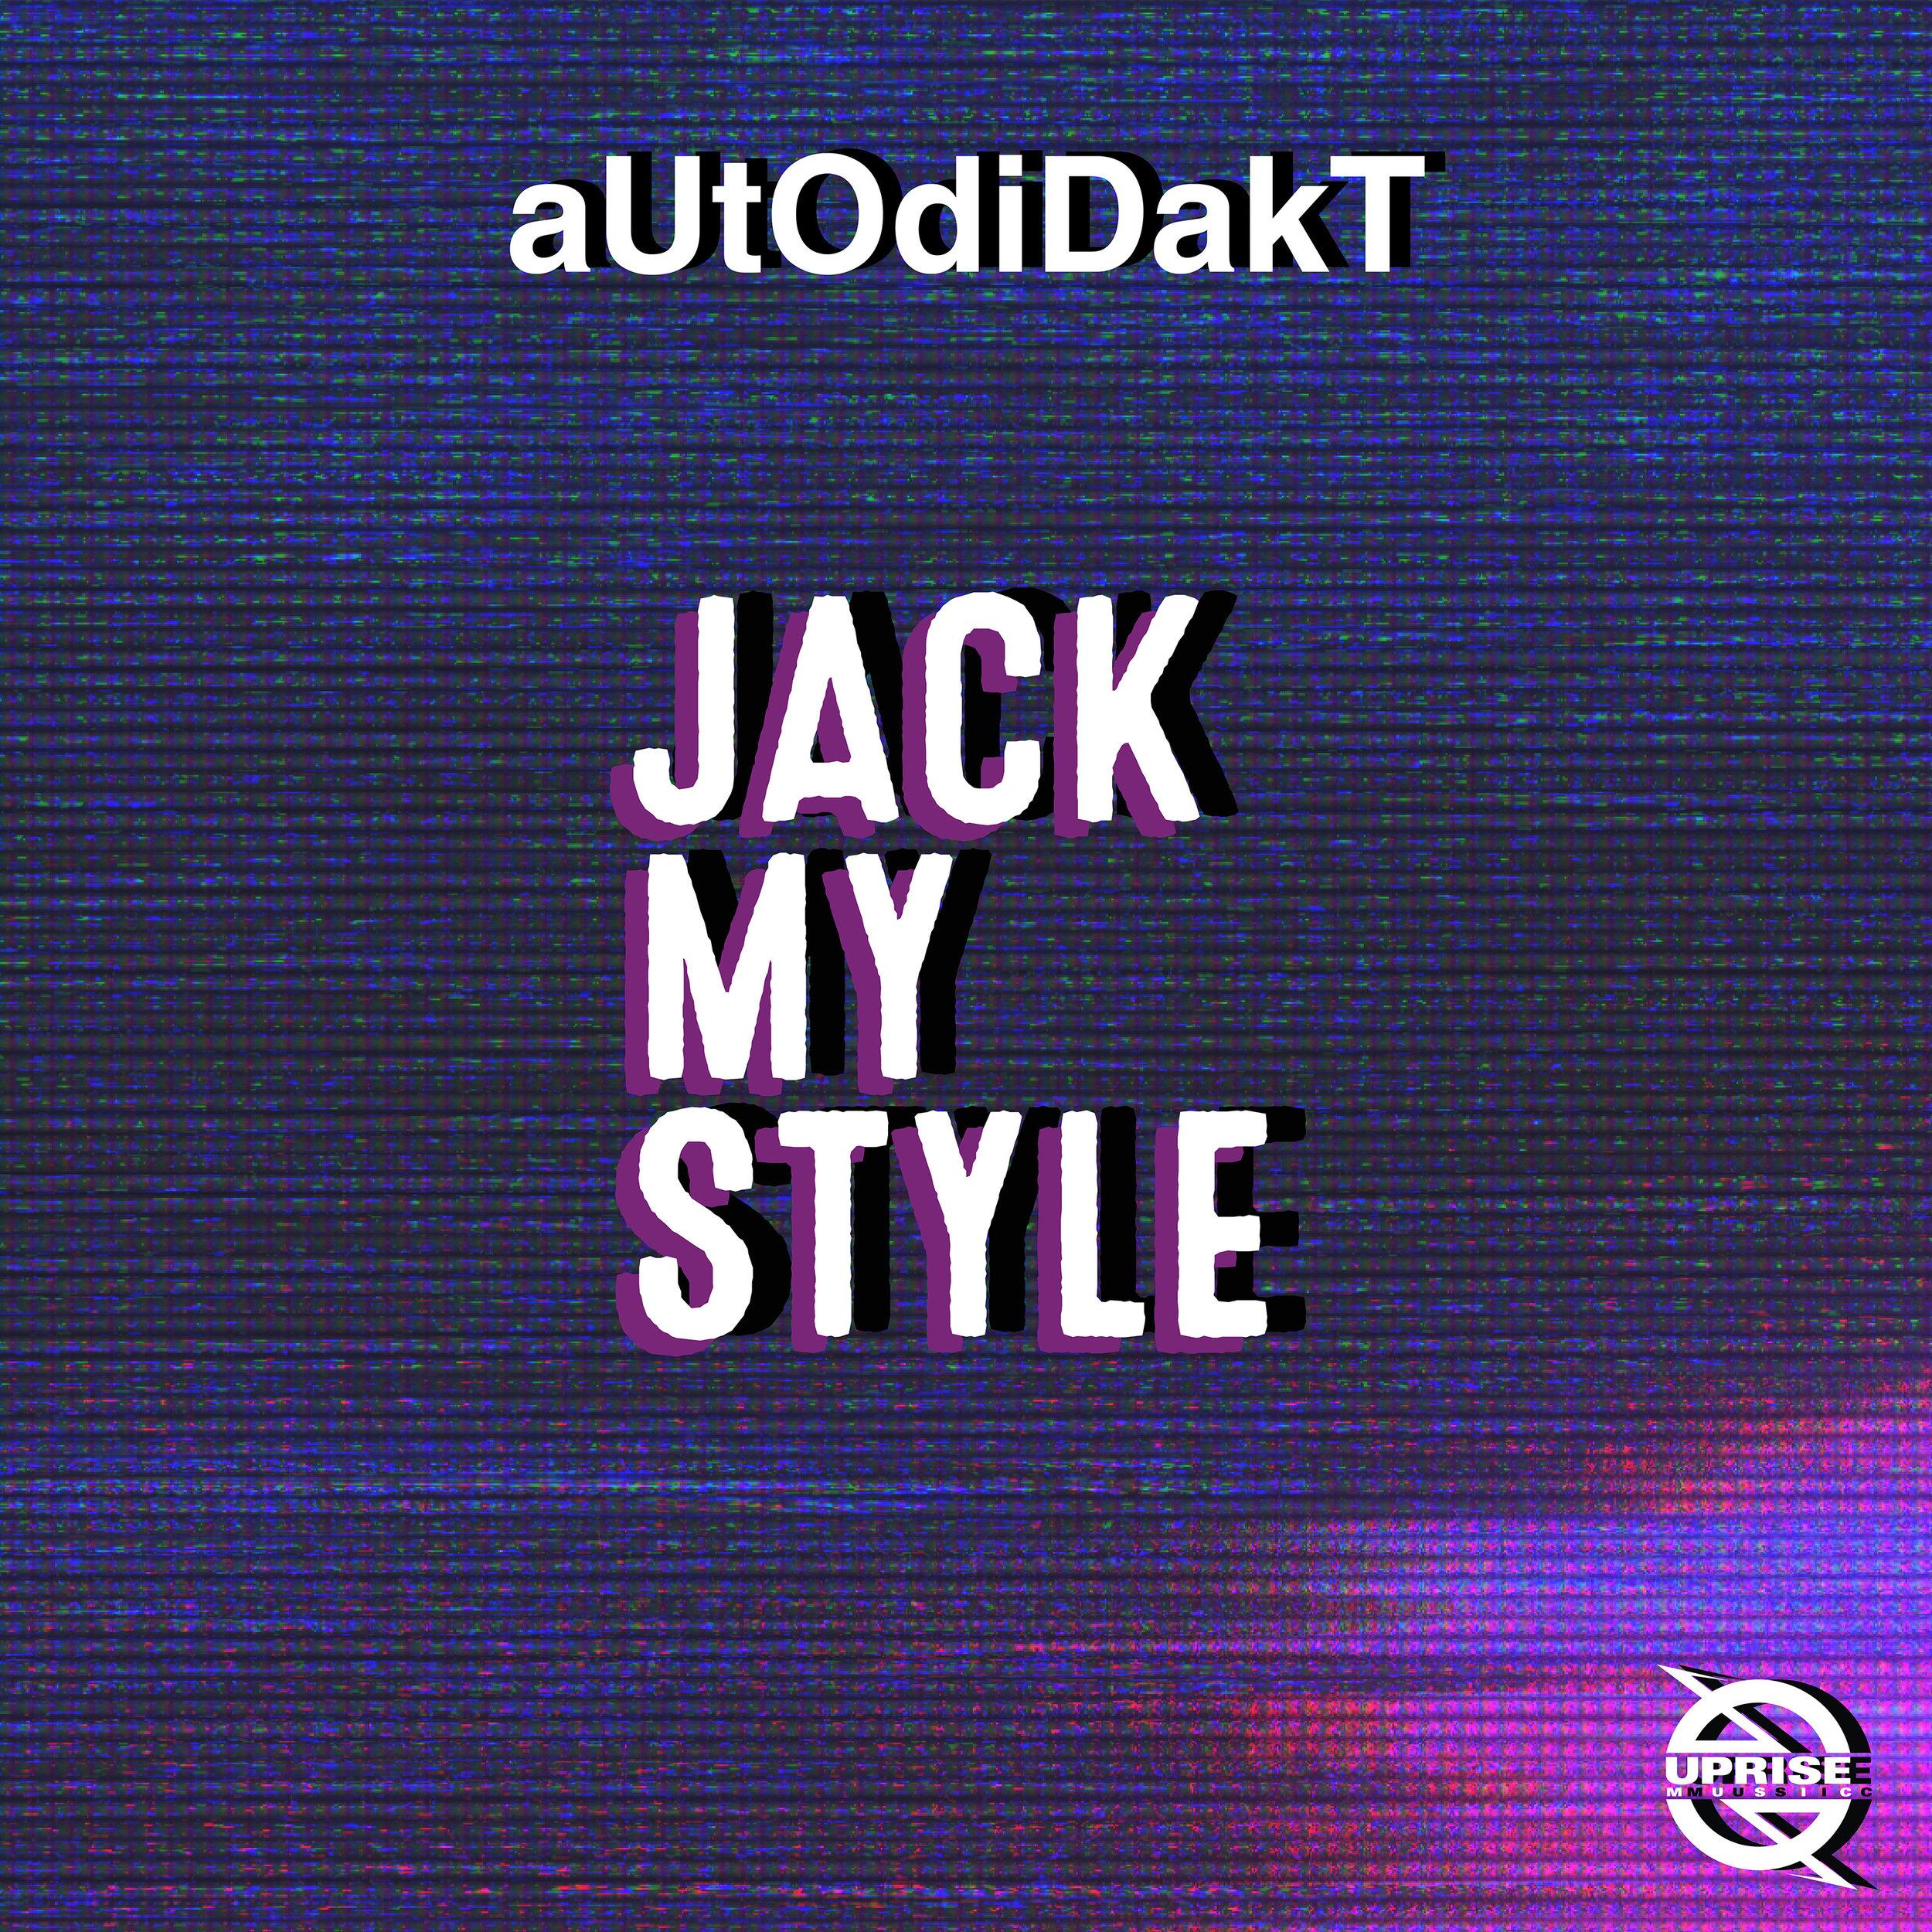 aUtOdiDakT - Jack My Style